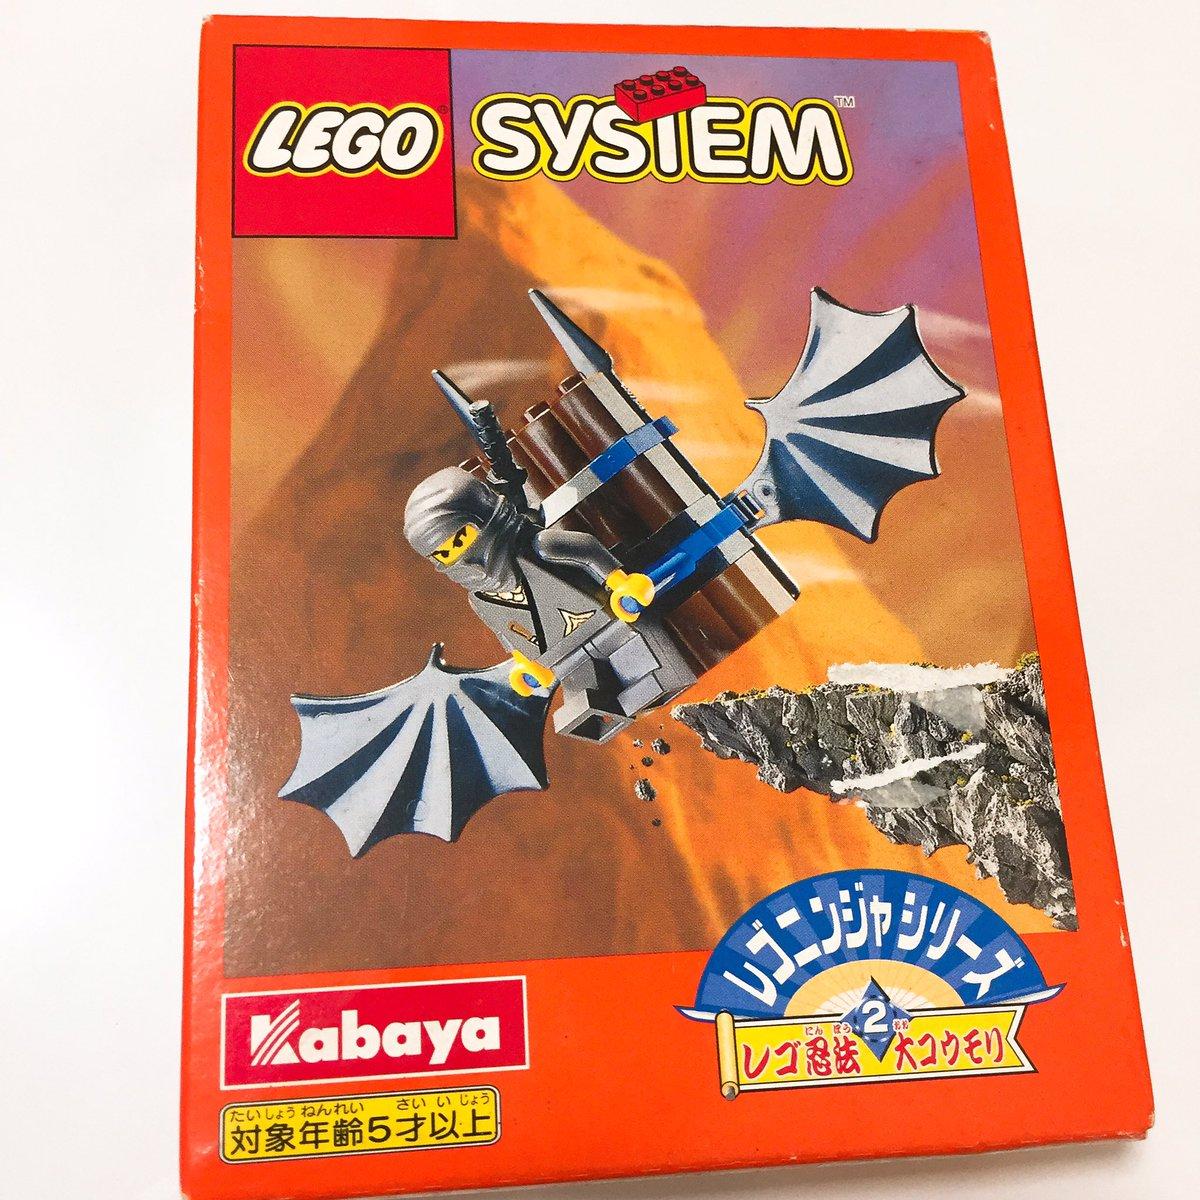 カバヤのニンジャ〜。ニンジャゴーのコレはオマージュ? #lego